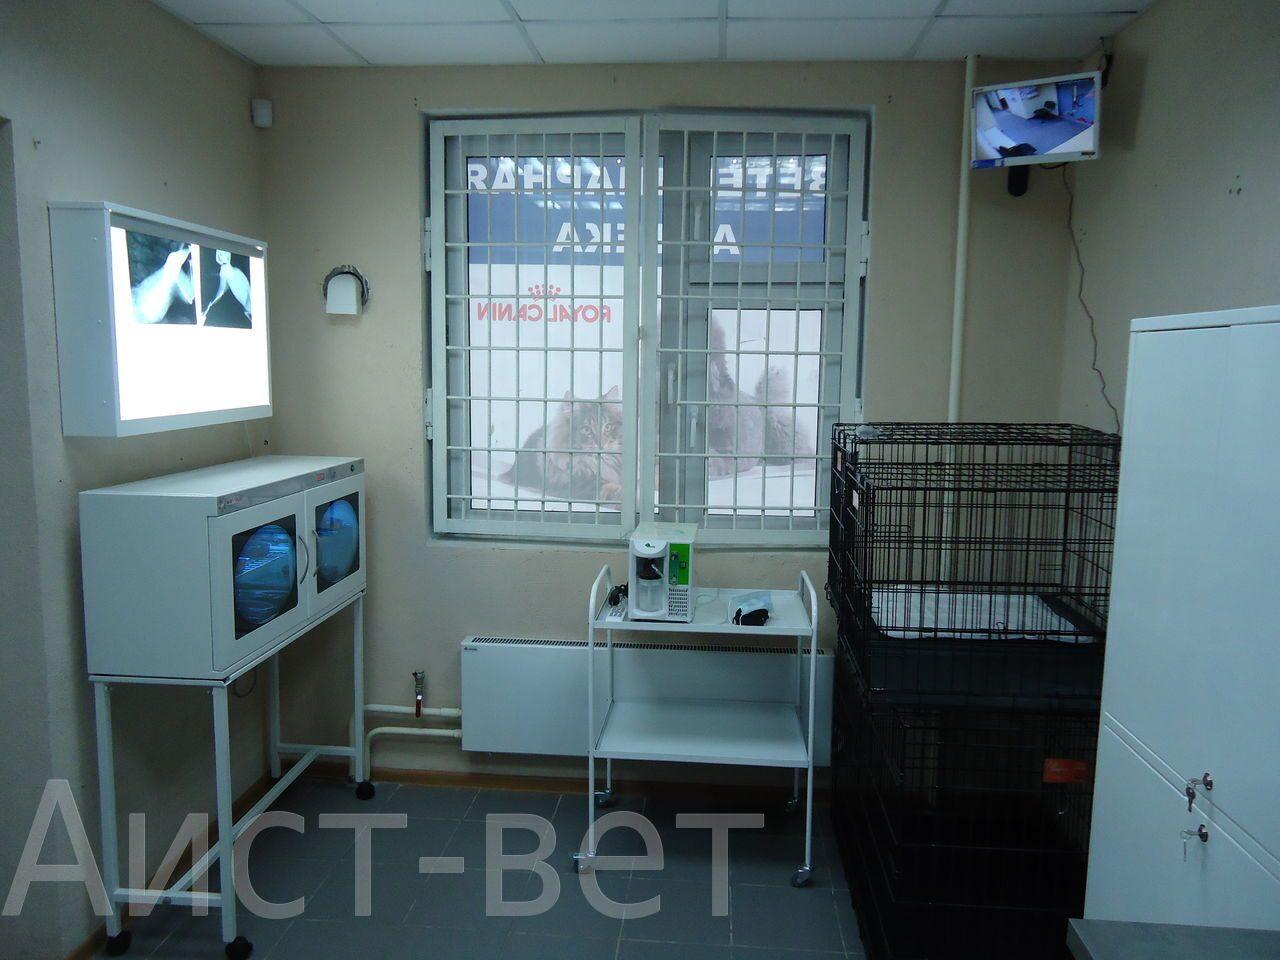 Ветеринарная клиника Аист-вет в микрорайоне в Бутово